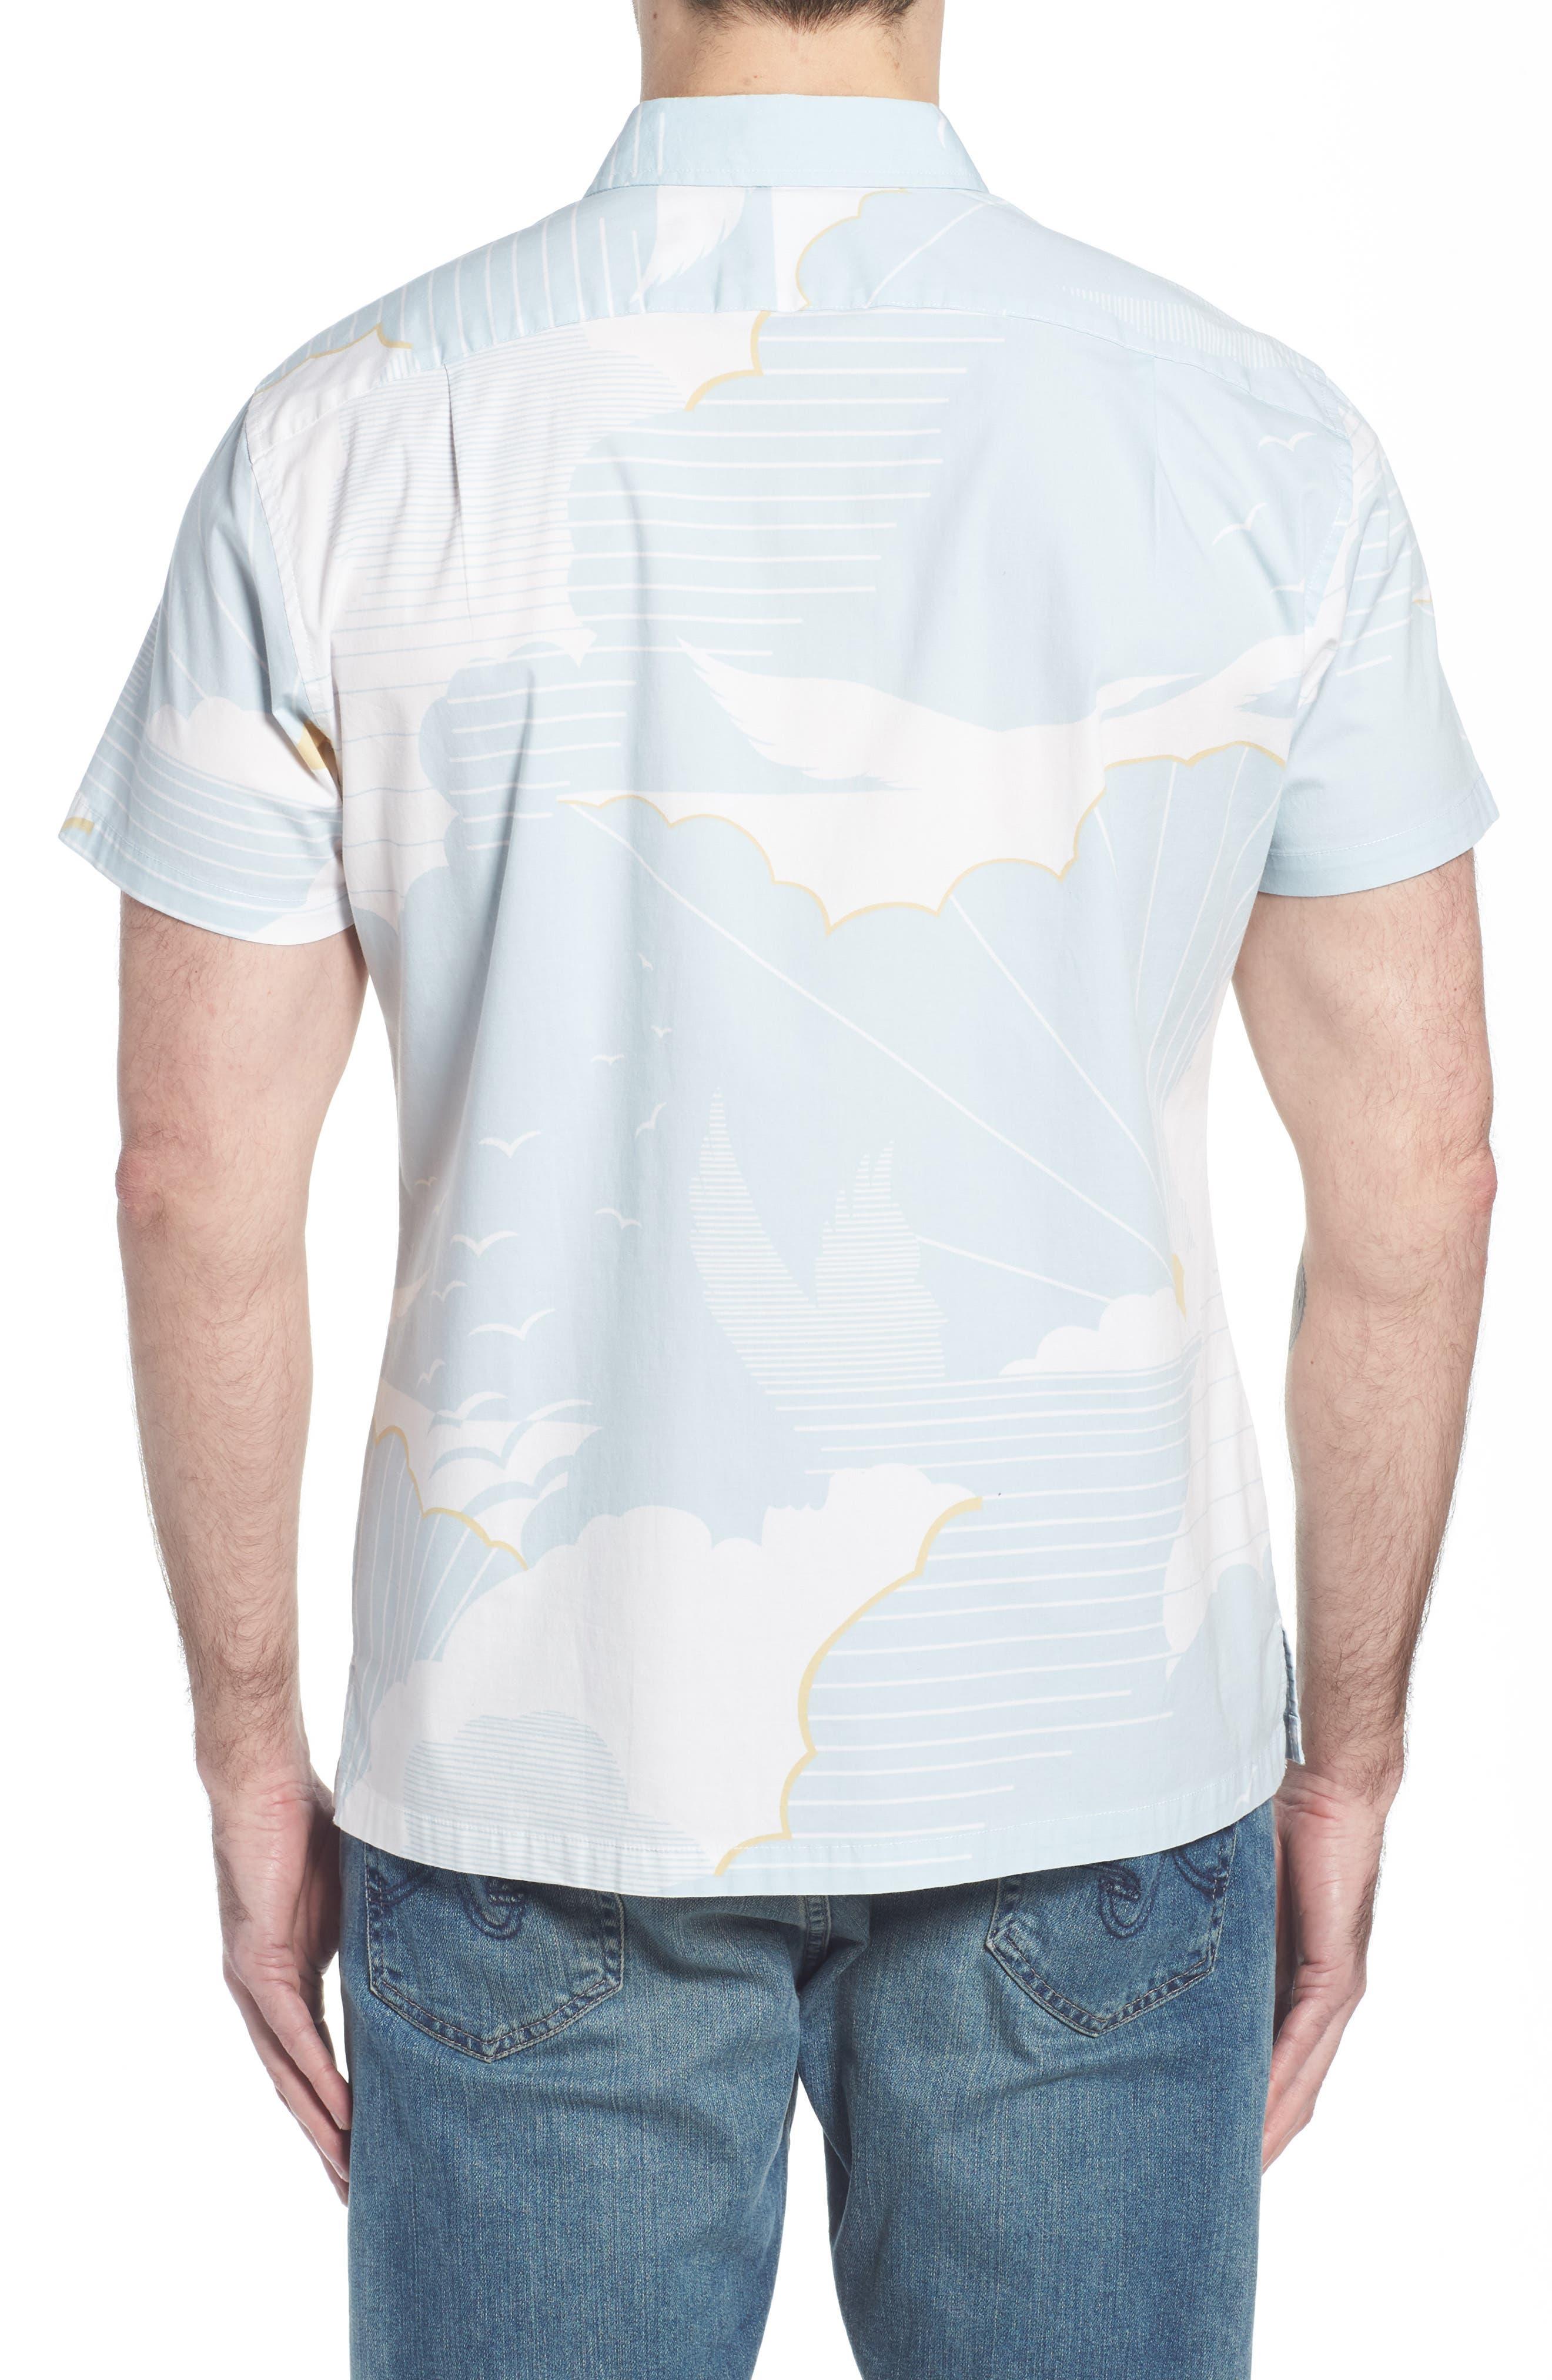 Daybreak Trim Fit Camp Shirt,                             Alternate thumbnail 2, color,                             WATER